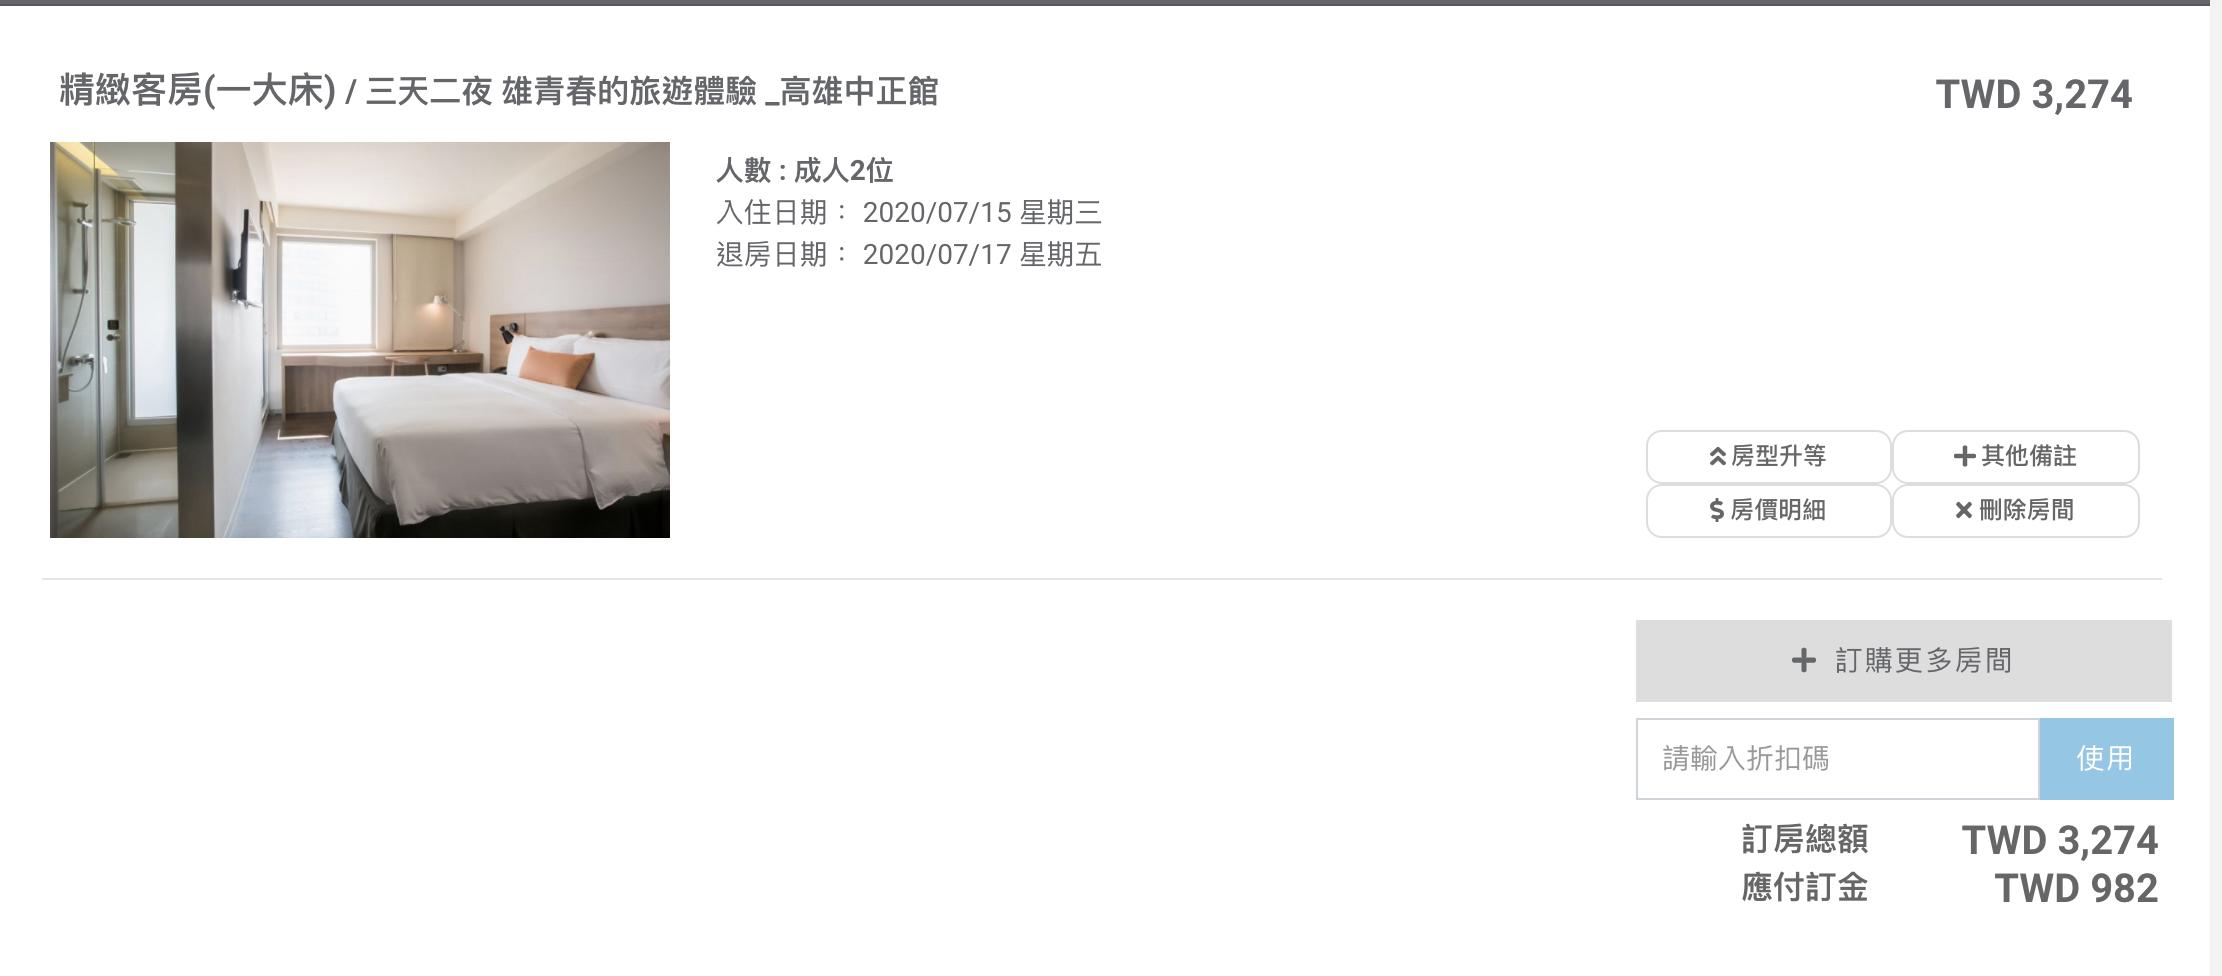 晶華輕品牌,高雄三天兩夜只要3K起,是兩個Night~含早餐~